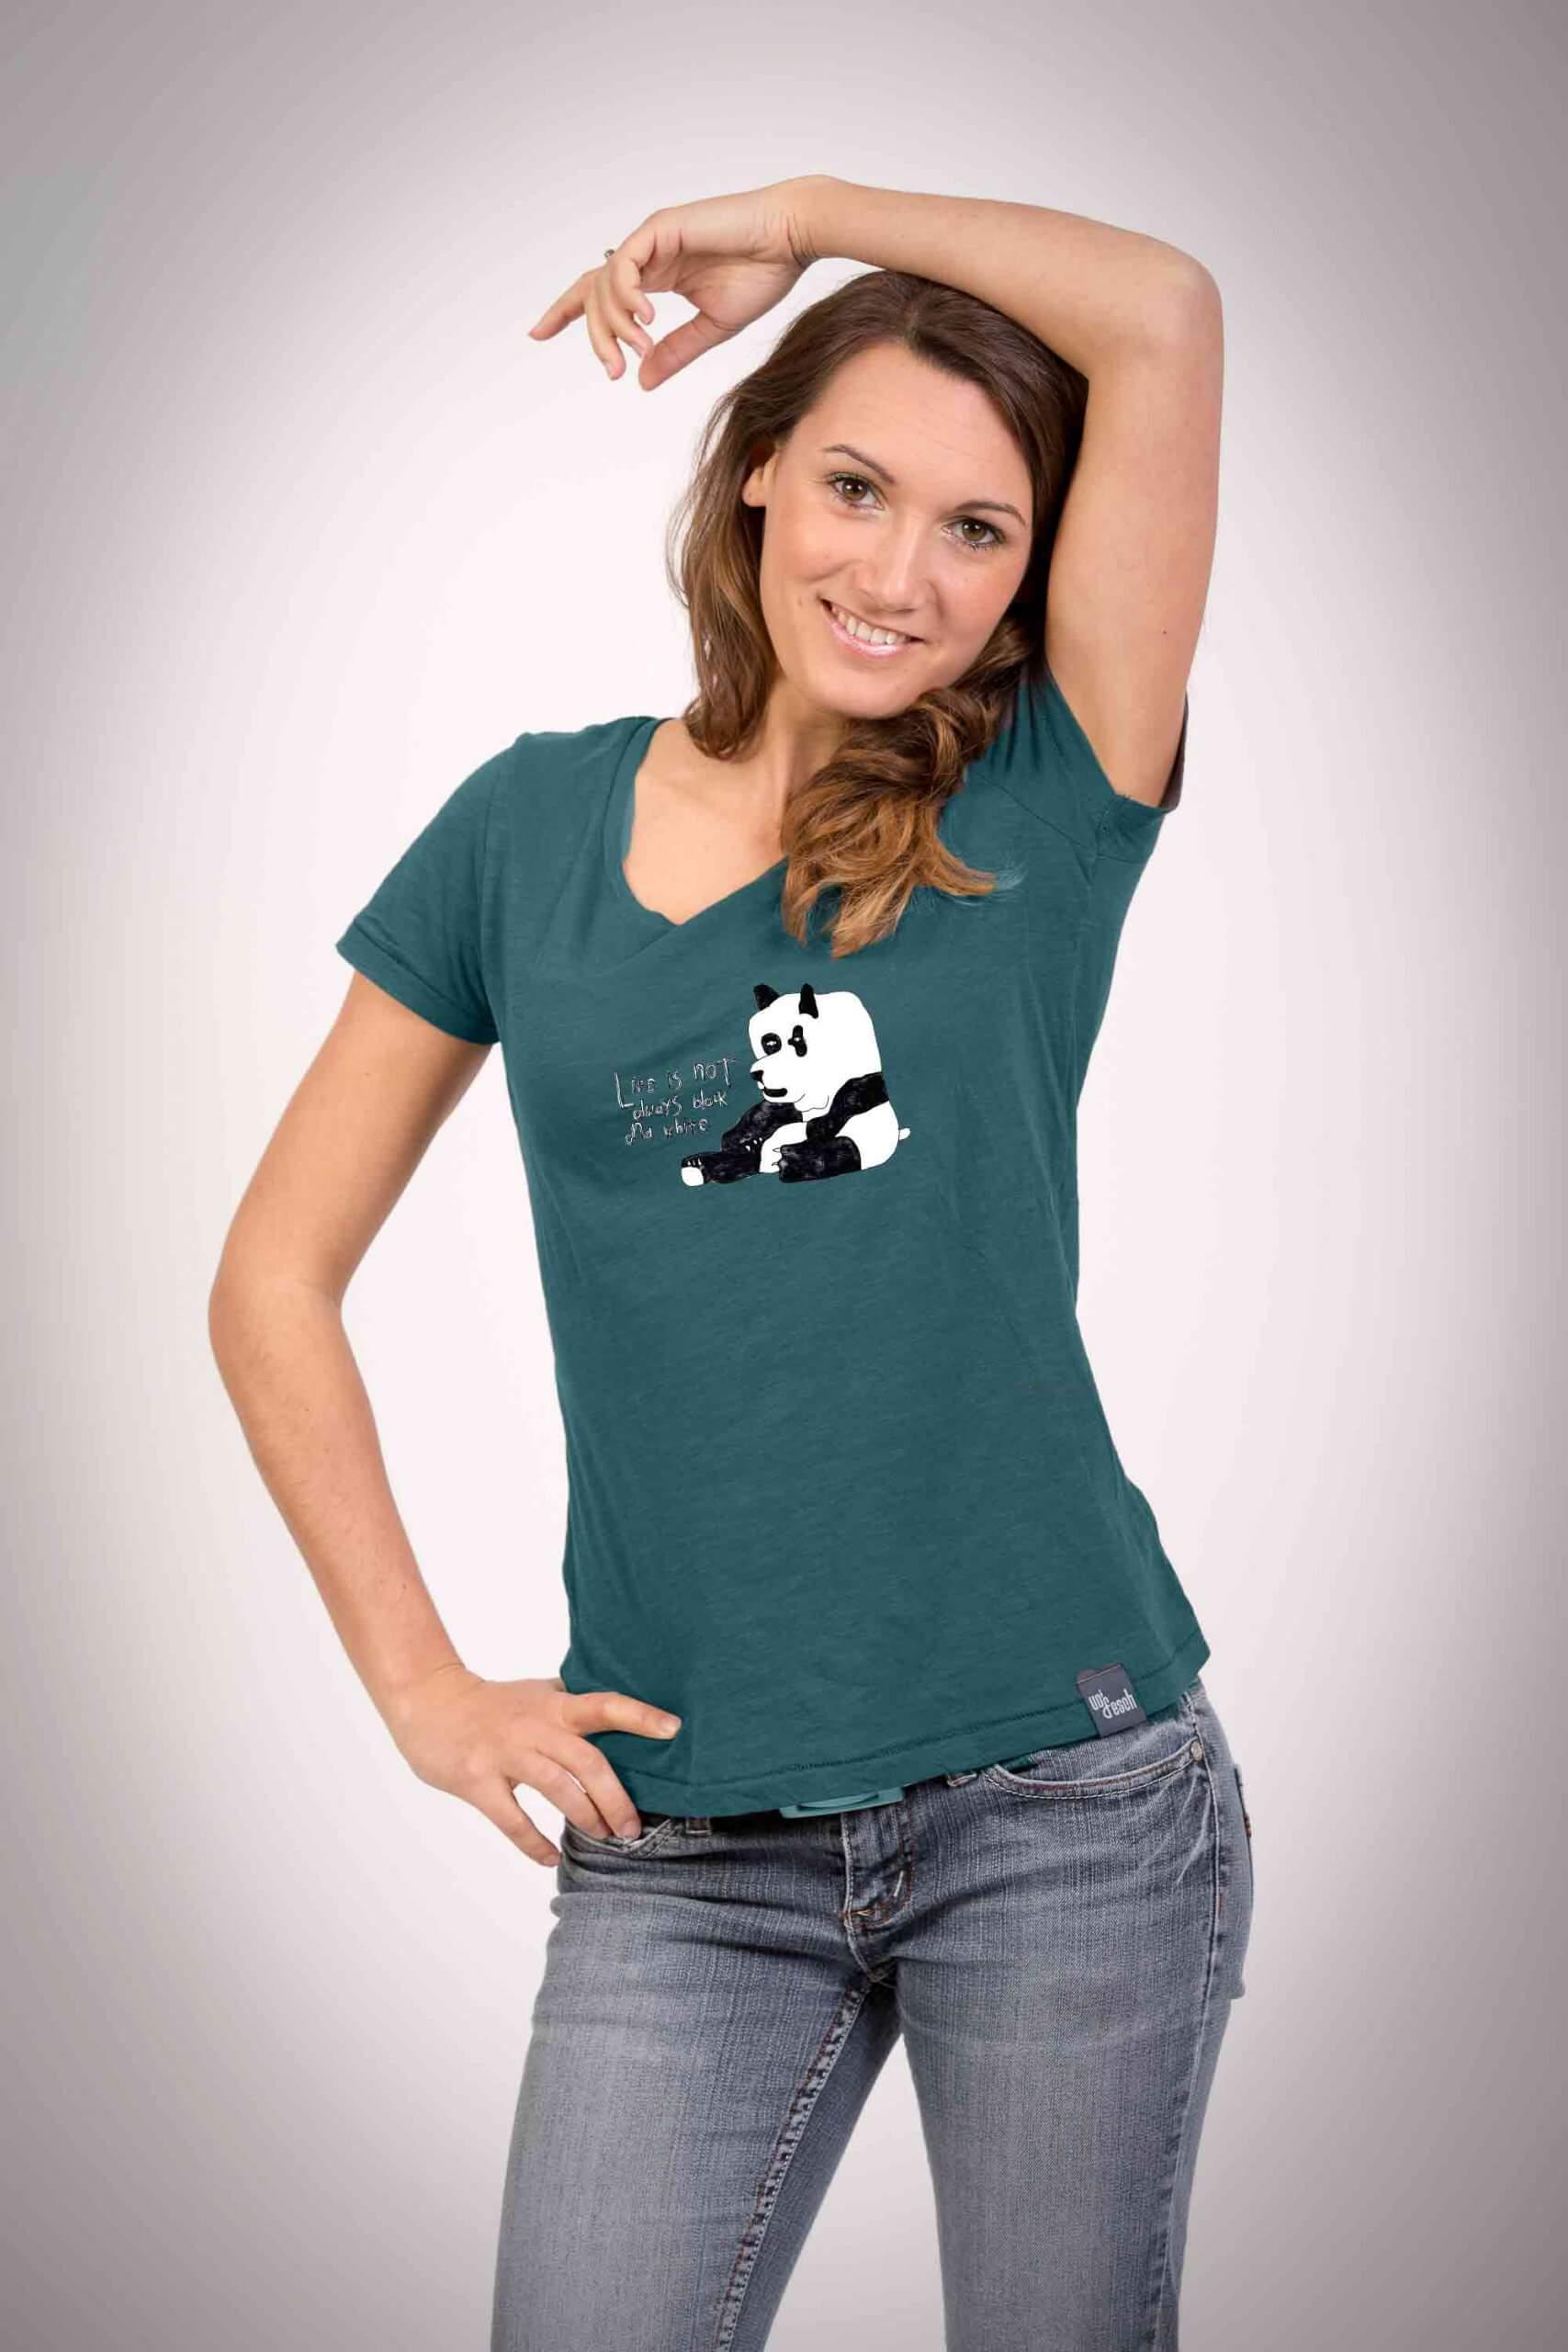 T-Shirt für Frauen in einem dunklen Türkis-Ton mit dem Motiv der kleine Panda